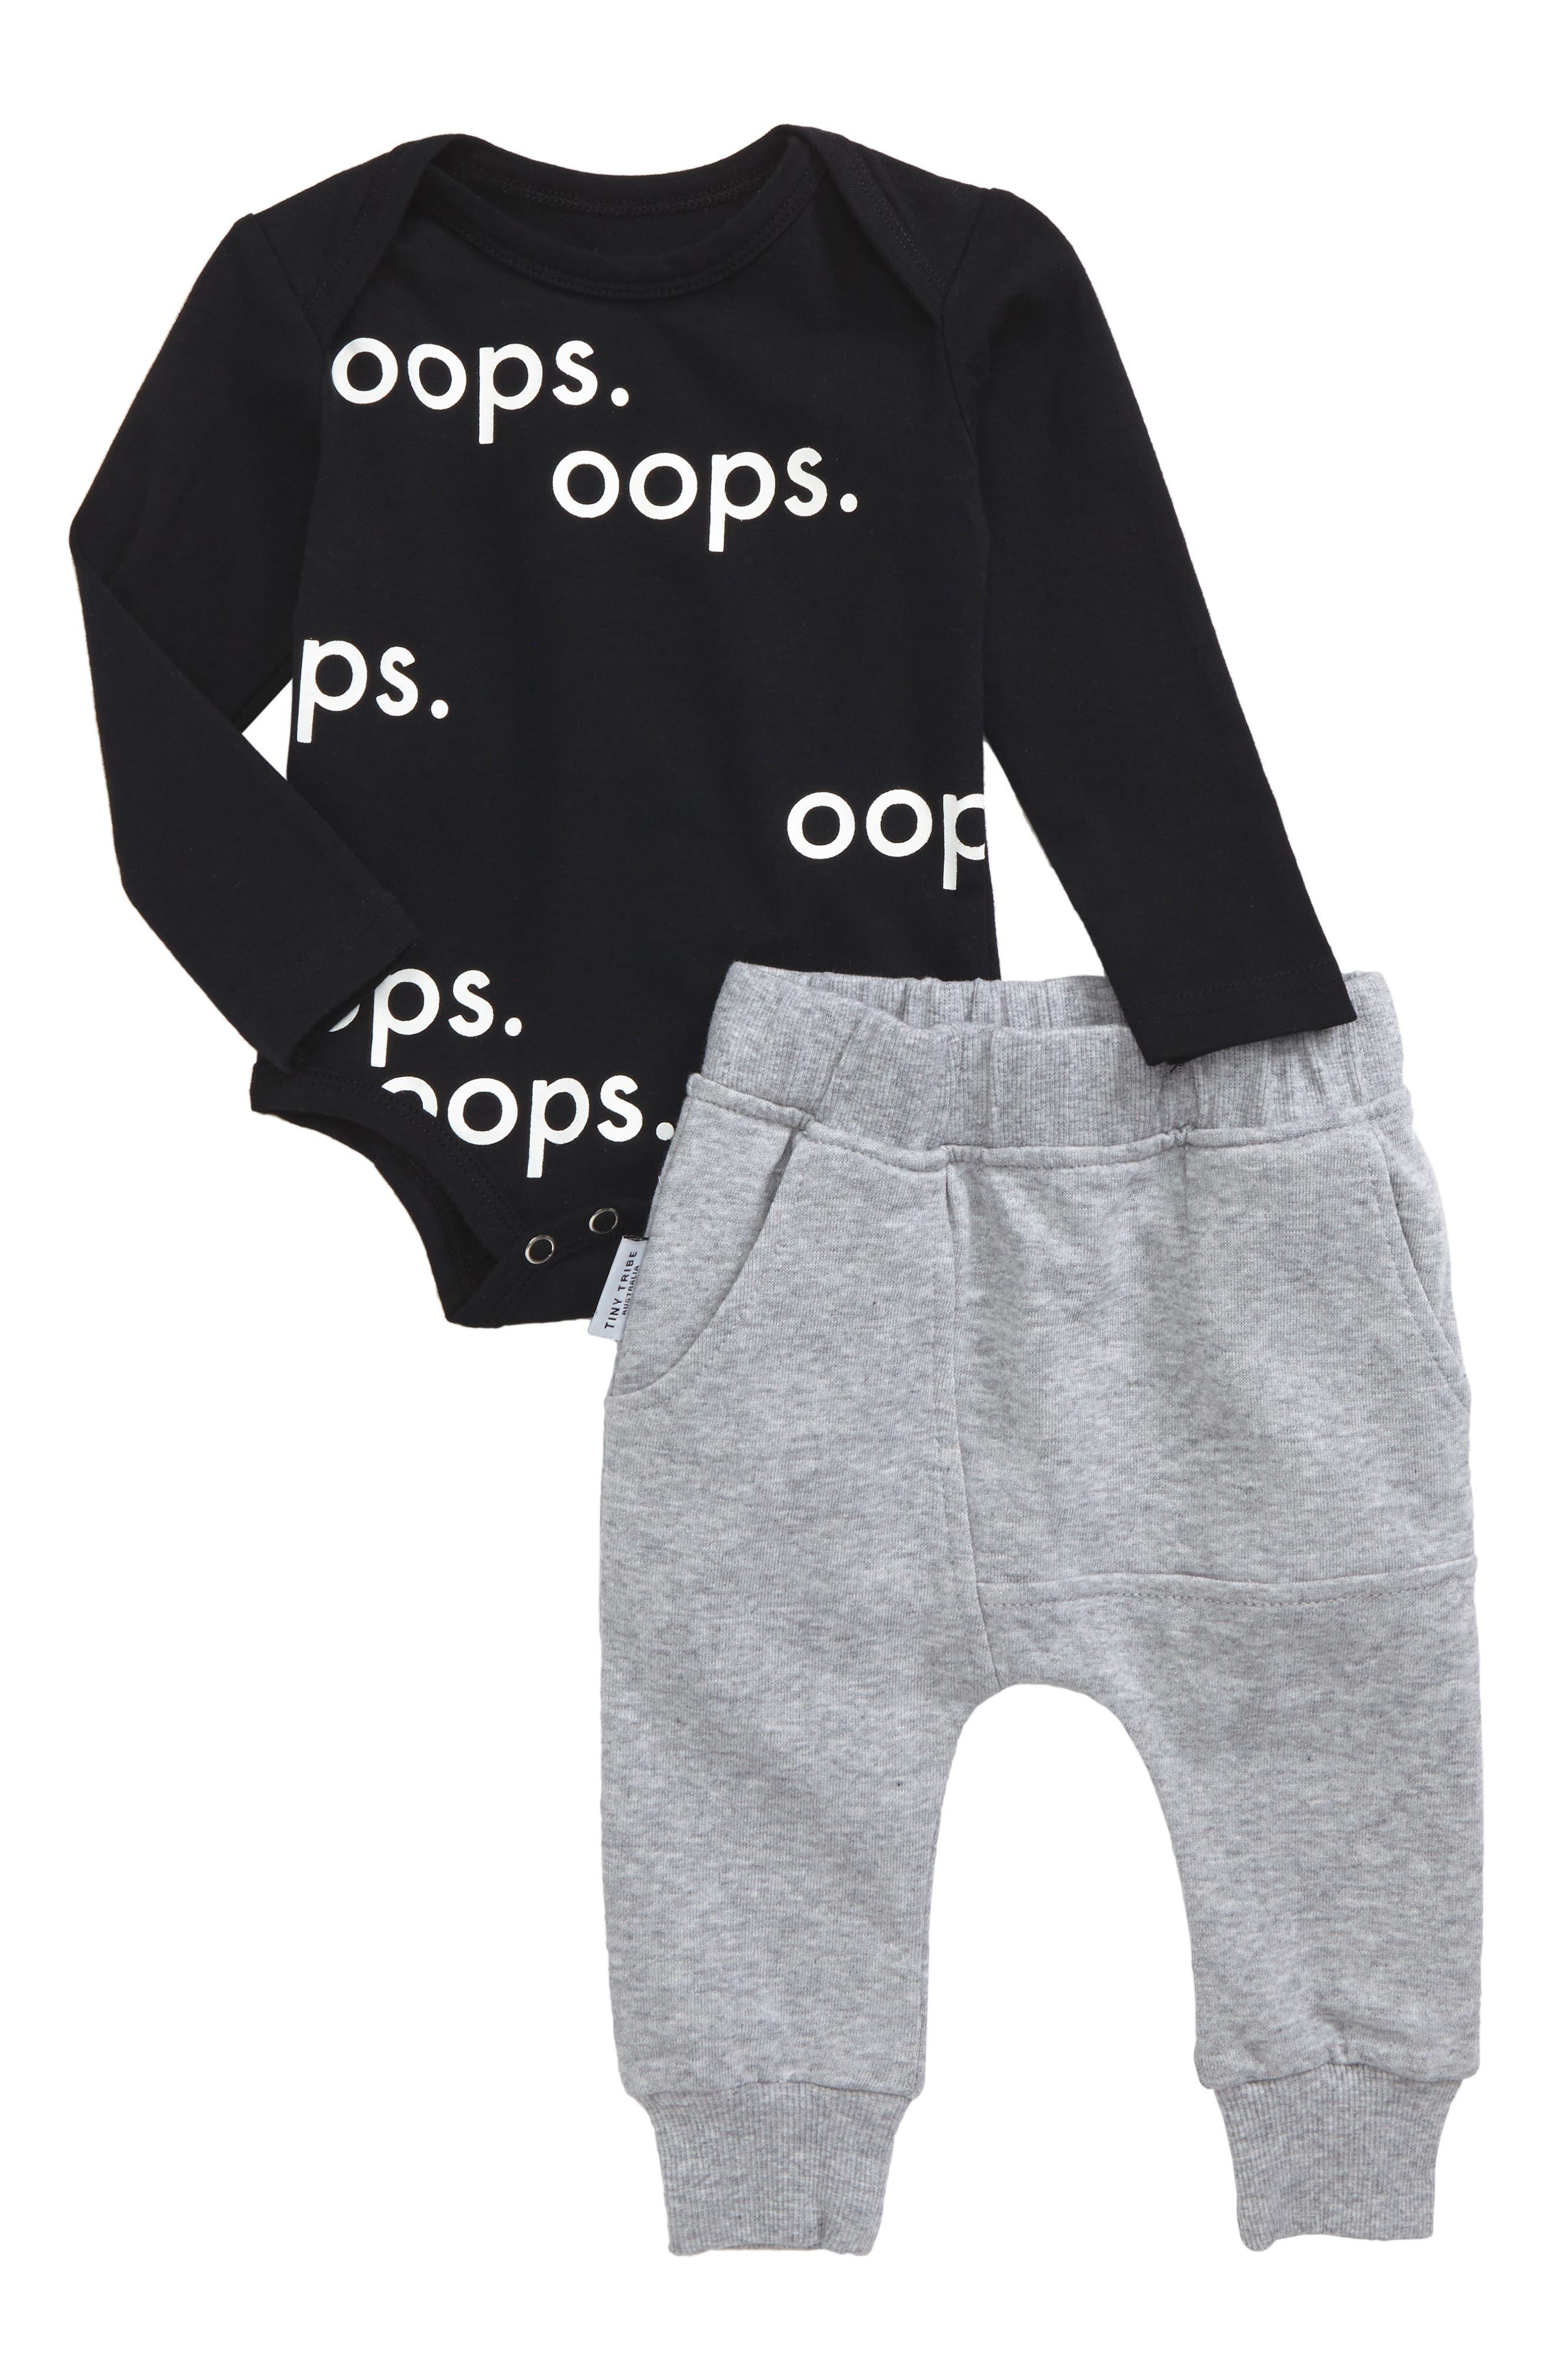 Oops Bodysuit & Sweatpants Set,                             Main thumbnail 1, color,                             009